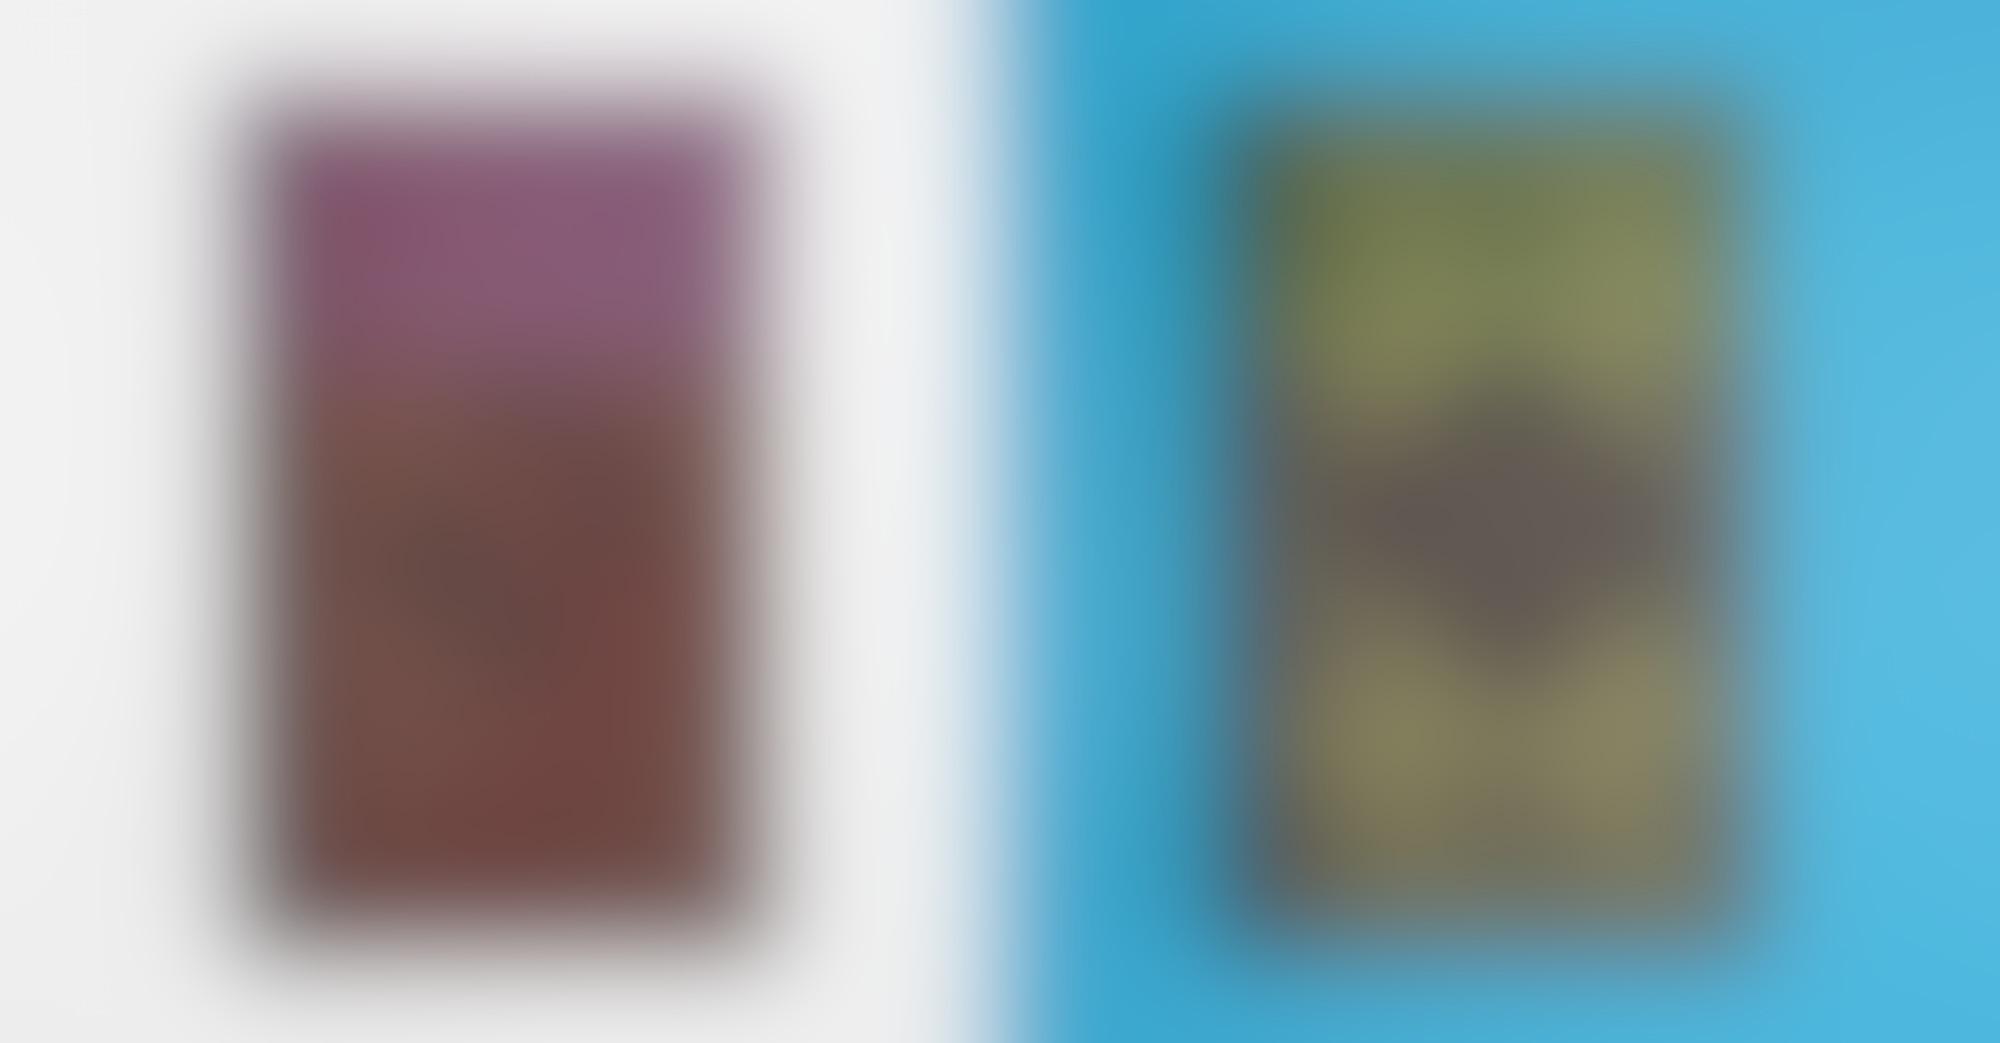 Screen Shot 2018 01 23 at 22 57 43 autocompressfitresizeixlibphp 1 1 0max h2000max w3 D2000q80sa1e5869fc169deb92cb51686d60bfd47